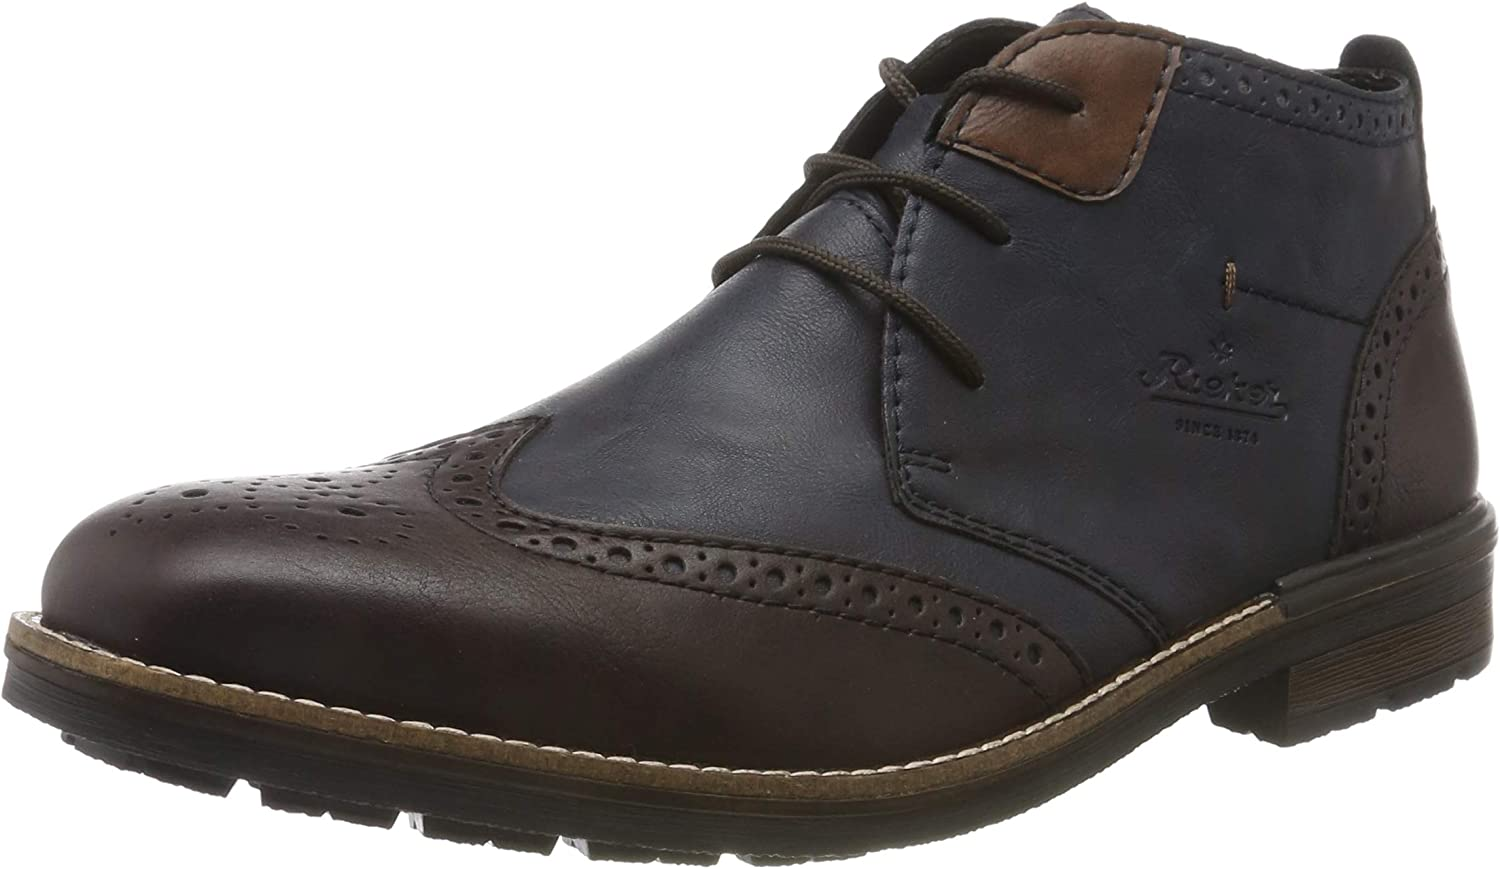 Rieker Herren B1343 Klassische Stiefel